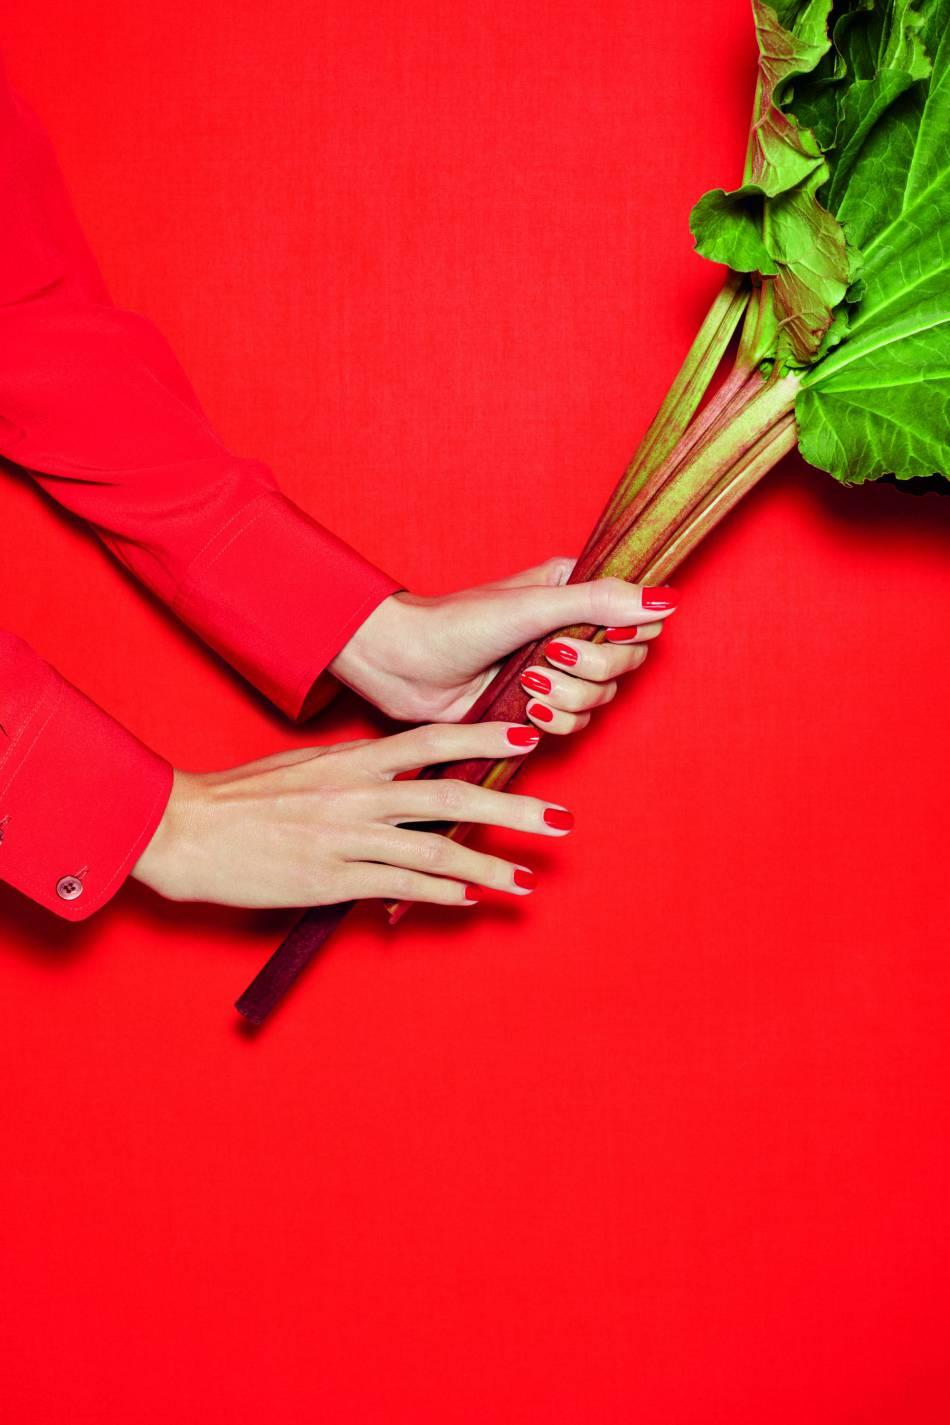 Le défi d'Hermès : capturer l'éclat de la rhubarbe dans une cologne. Pari réussi !